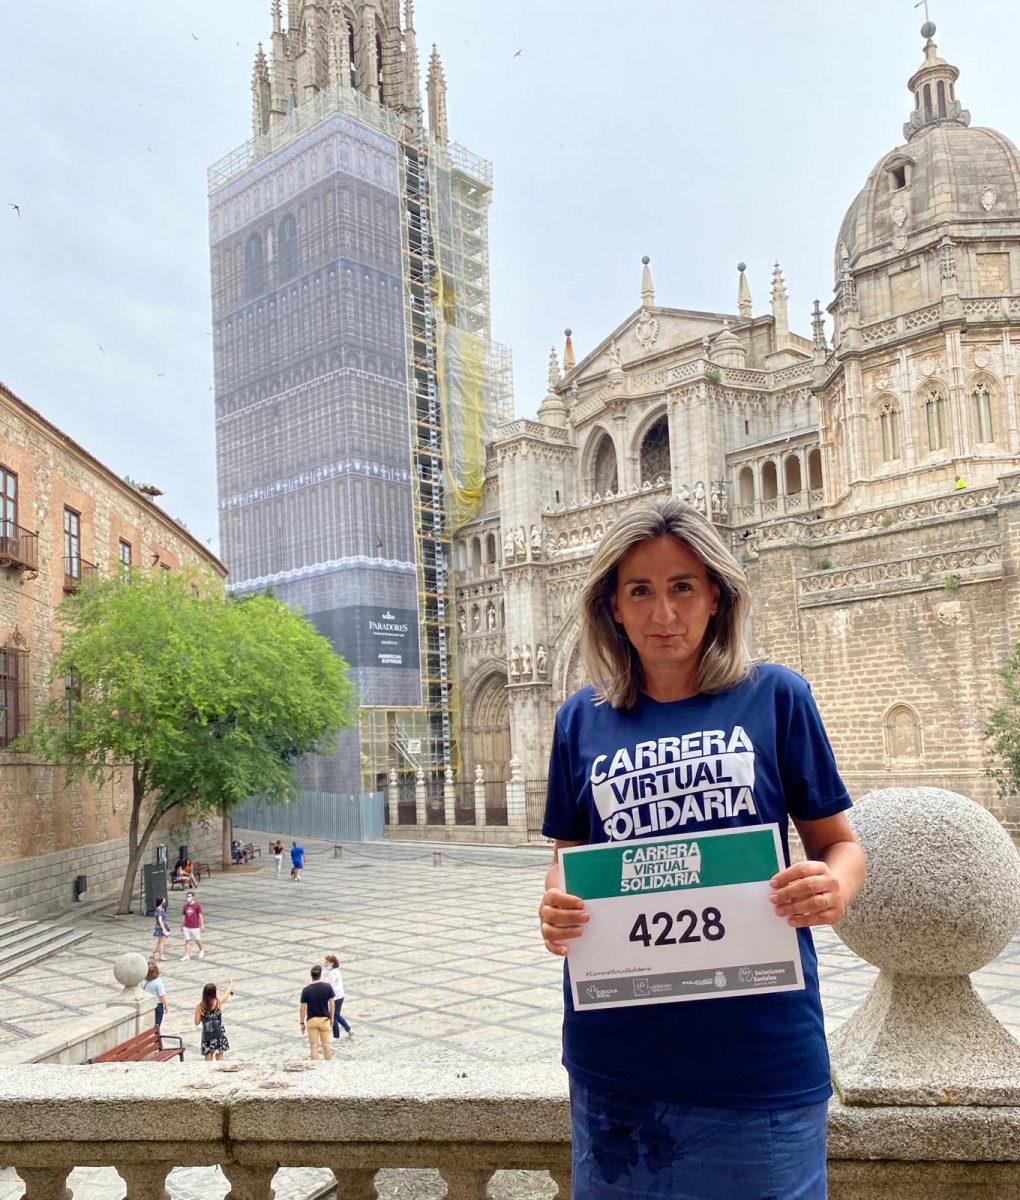 https://www.toledo.es/wp-content/uploads/2020/06/whatsapp-image-2020-06-24-at-12.57.57-1020x1200.jpeg. Milagros Tolón da su apoyo a la Carrera Virtual Solidaria de la Fundación Eurocaja Rural a favor de Cáritas